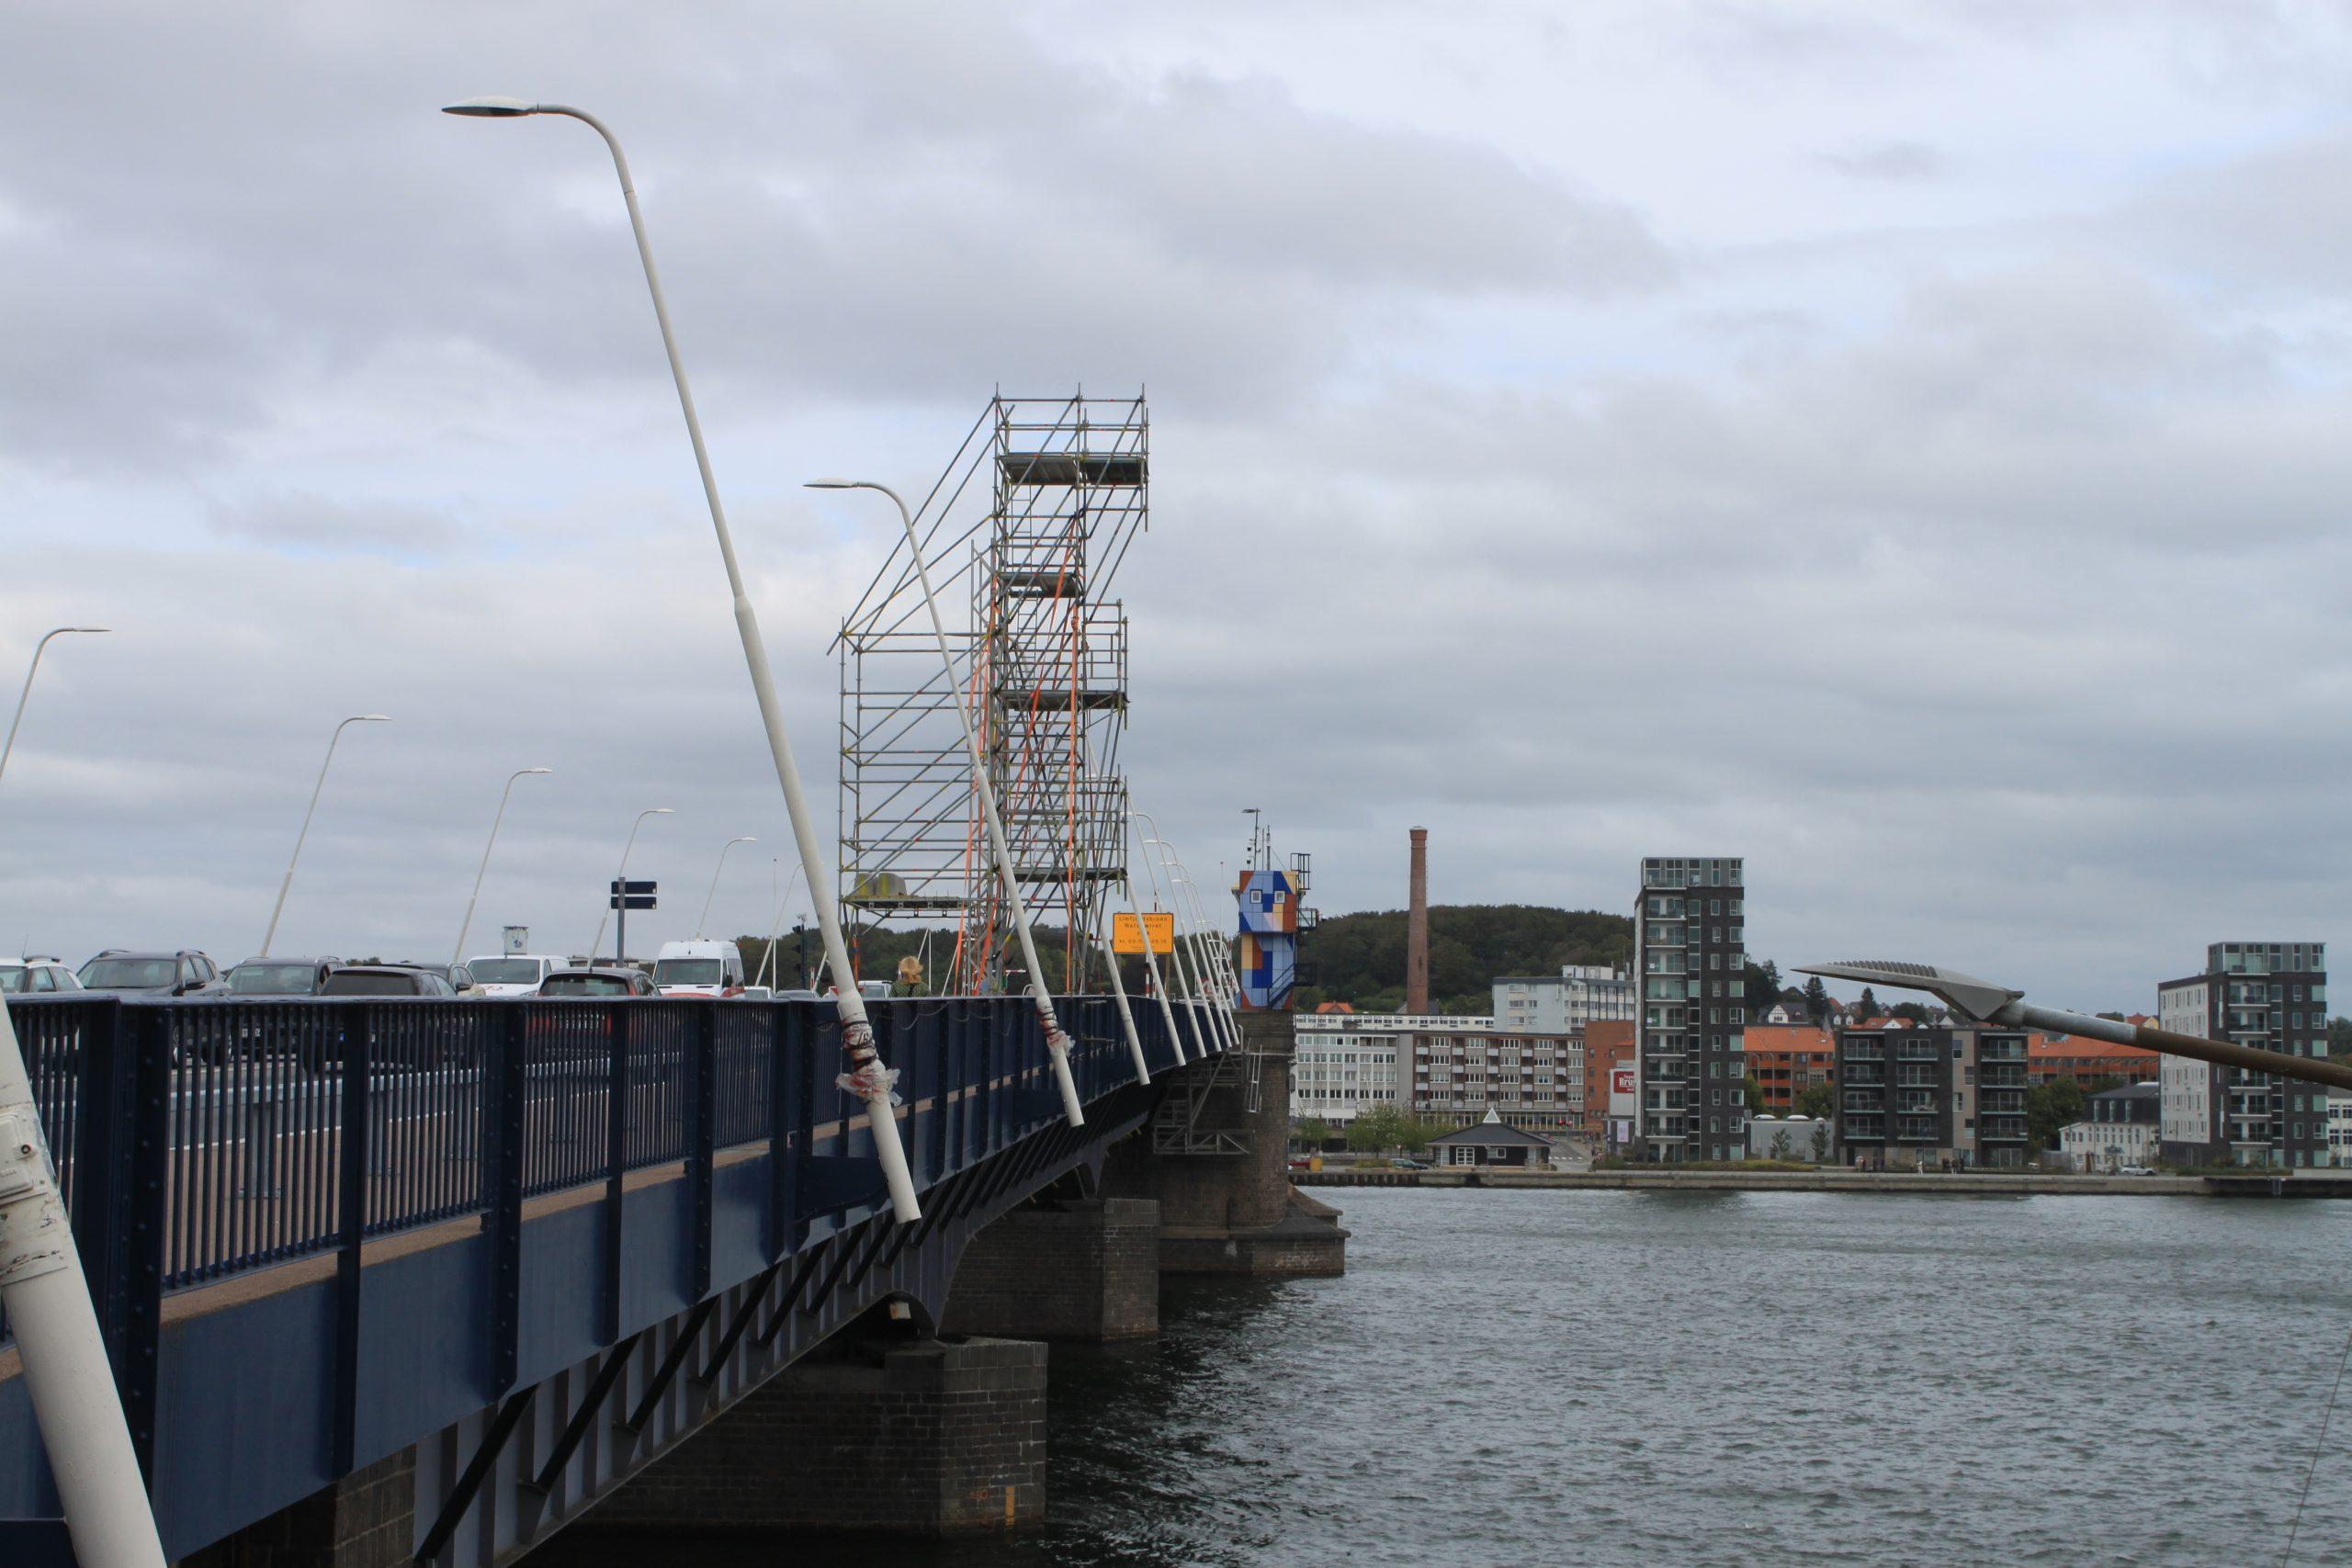 Spektakulært syn i vente: Derfor står der et kæmpe stillads på Limfjordsbroen